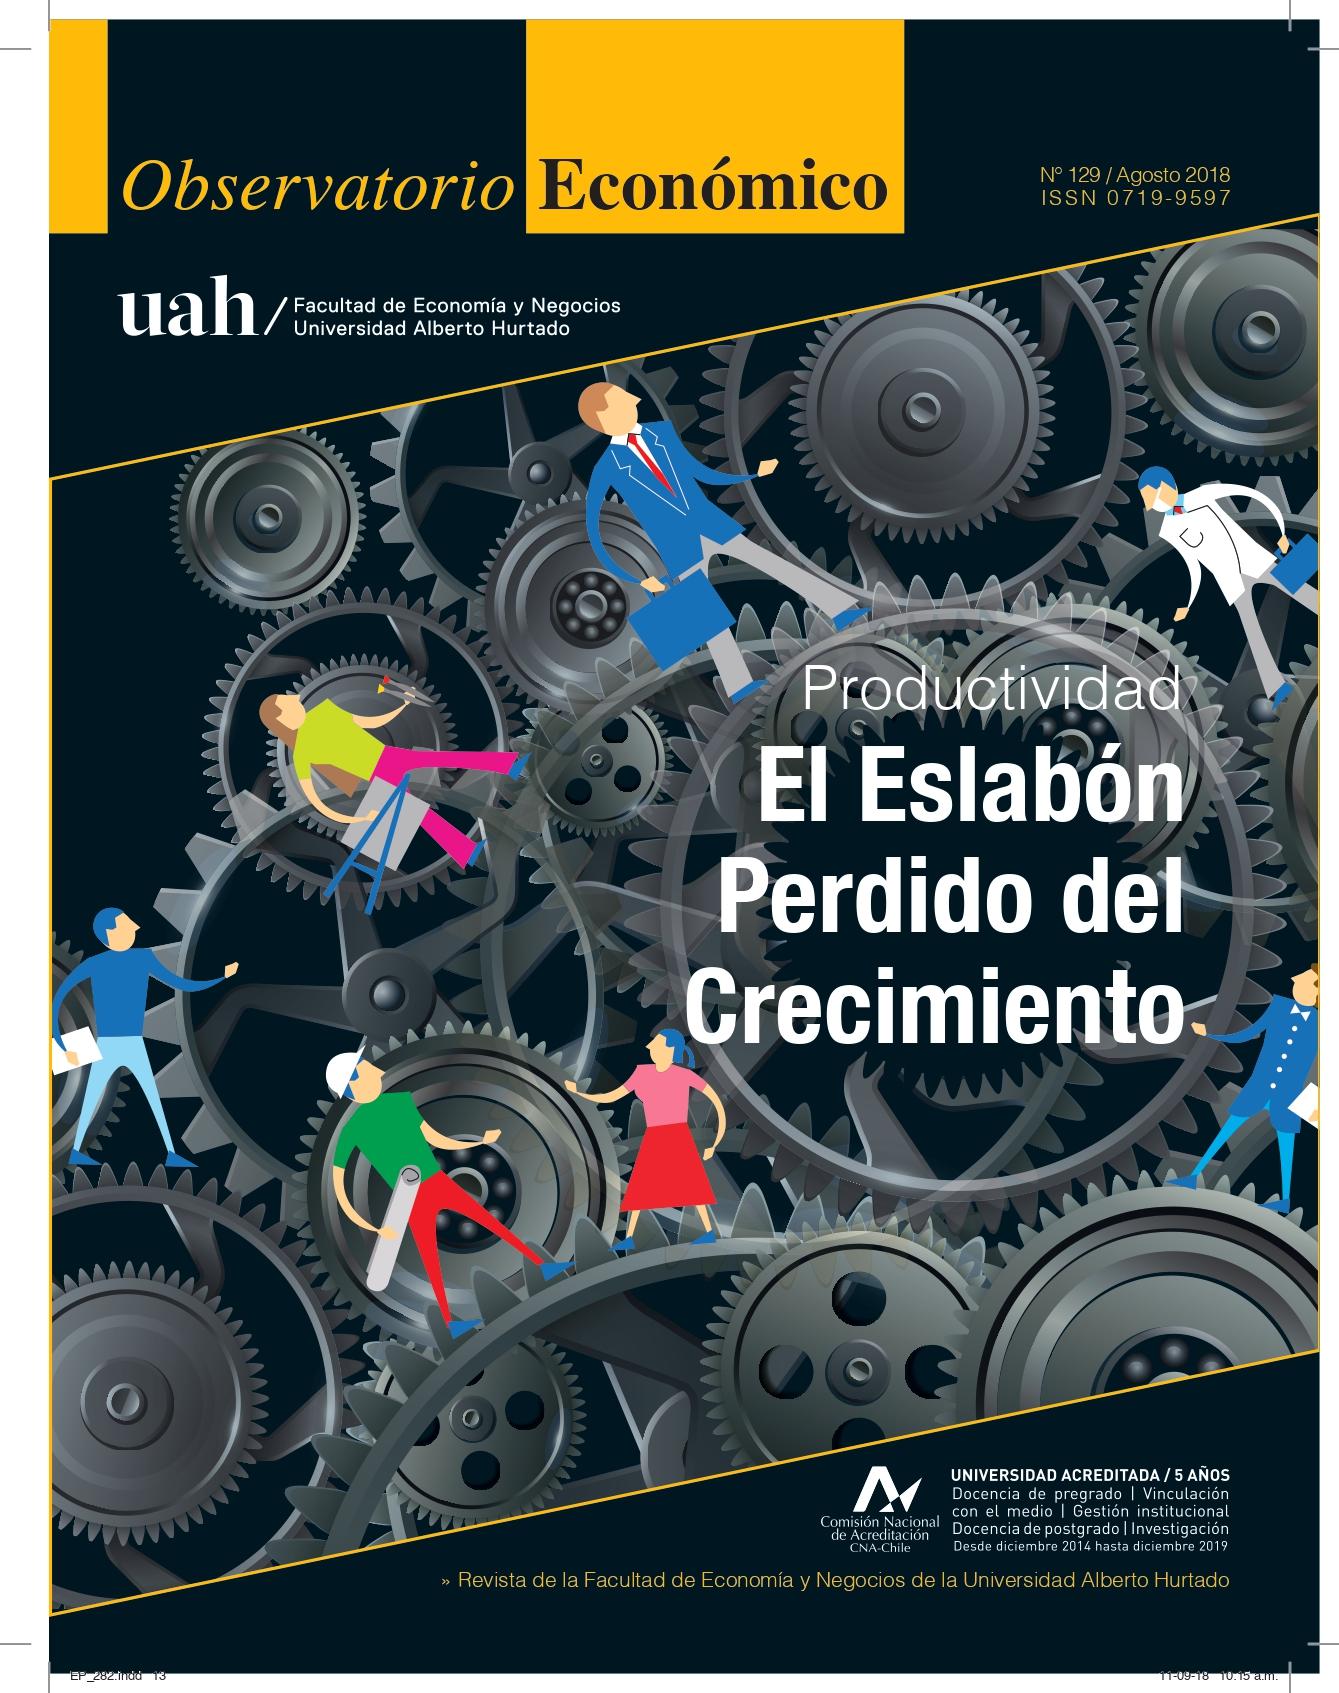 """Título del número de la revista : """"Productividad : El Eslabón Perdido del Crecimiento"""""""